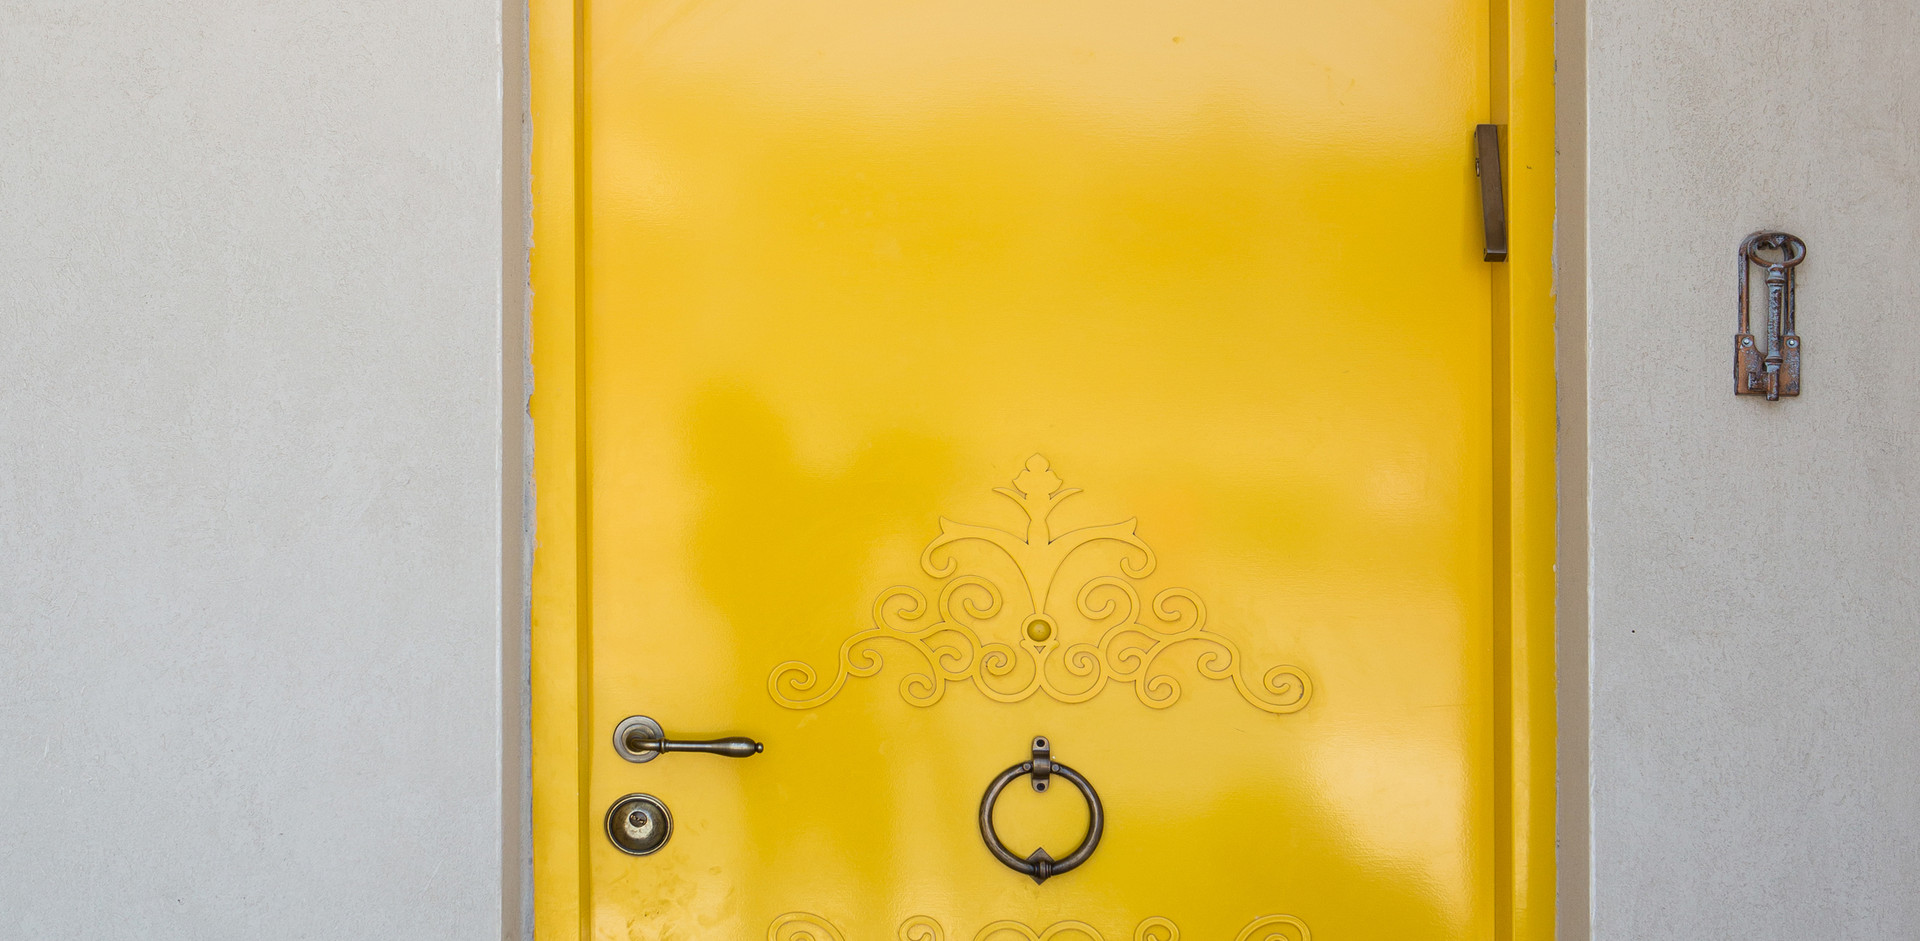 זו הכלה - דלת הכניסה ;ידענו מראש שהיא תהיה צהובה. לקוחה מצטיינת ציירה בדיוק את הדלת שרוצה וכל שנותר הוא להוציא מהכוח אל הפועל